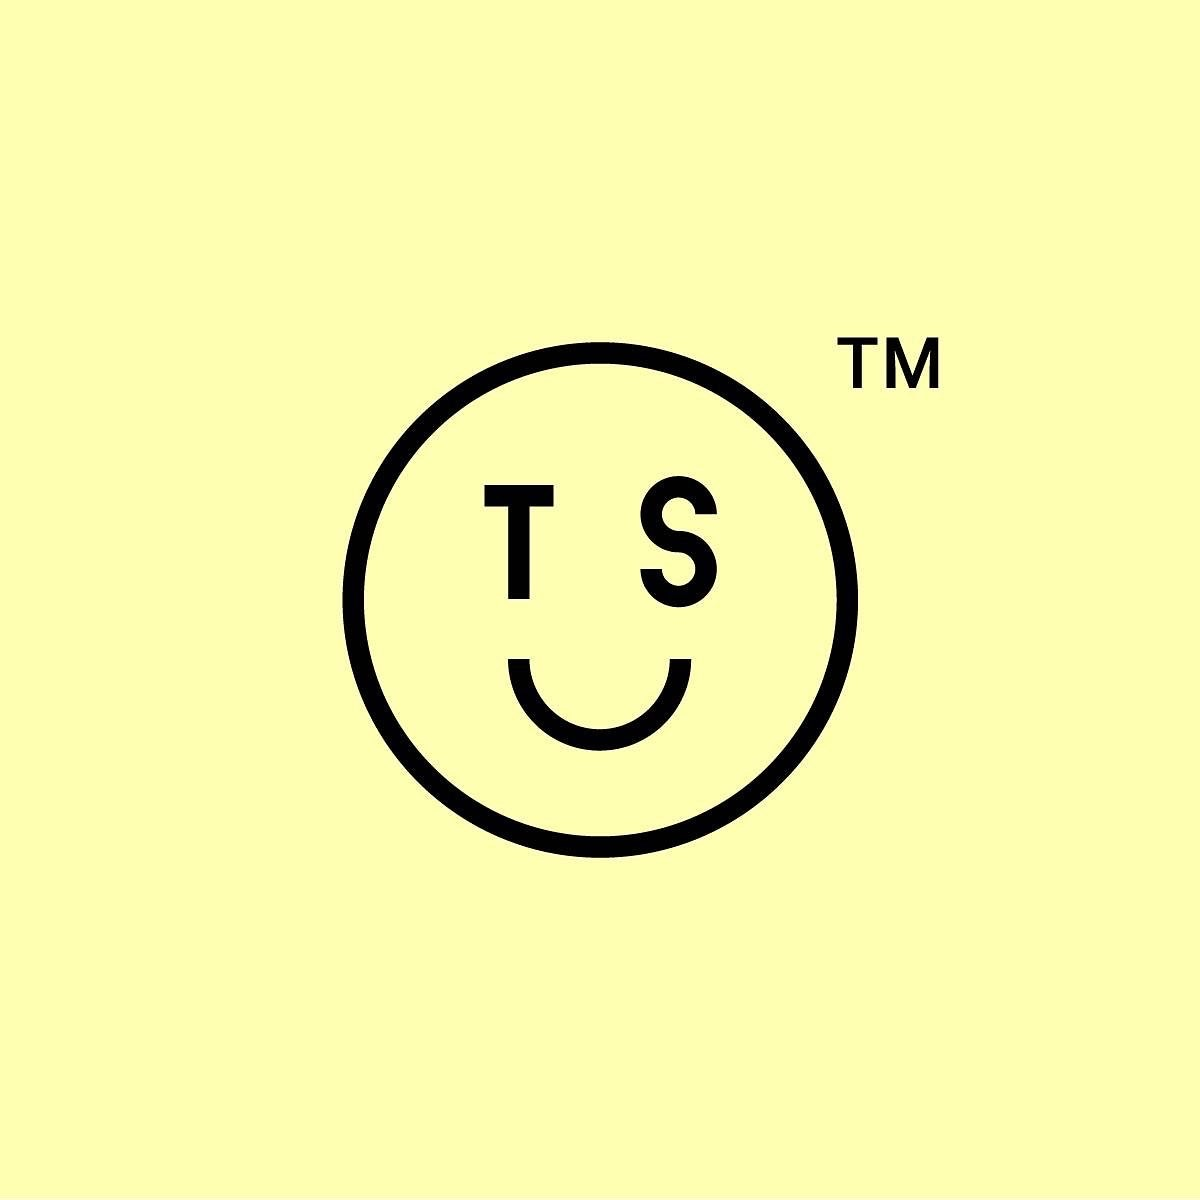 Logo - Tsu Pies